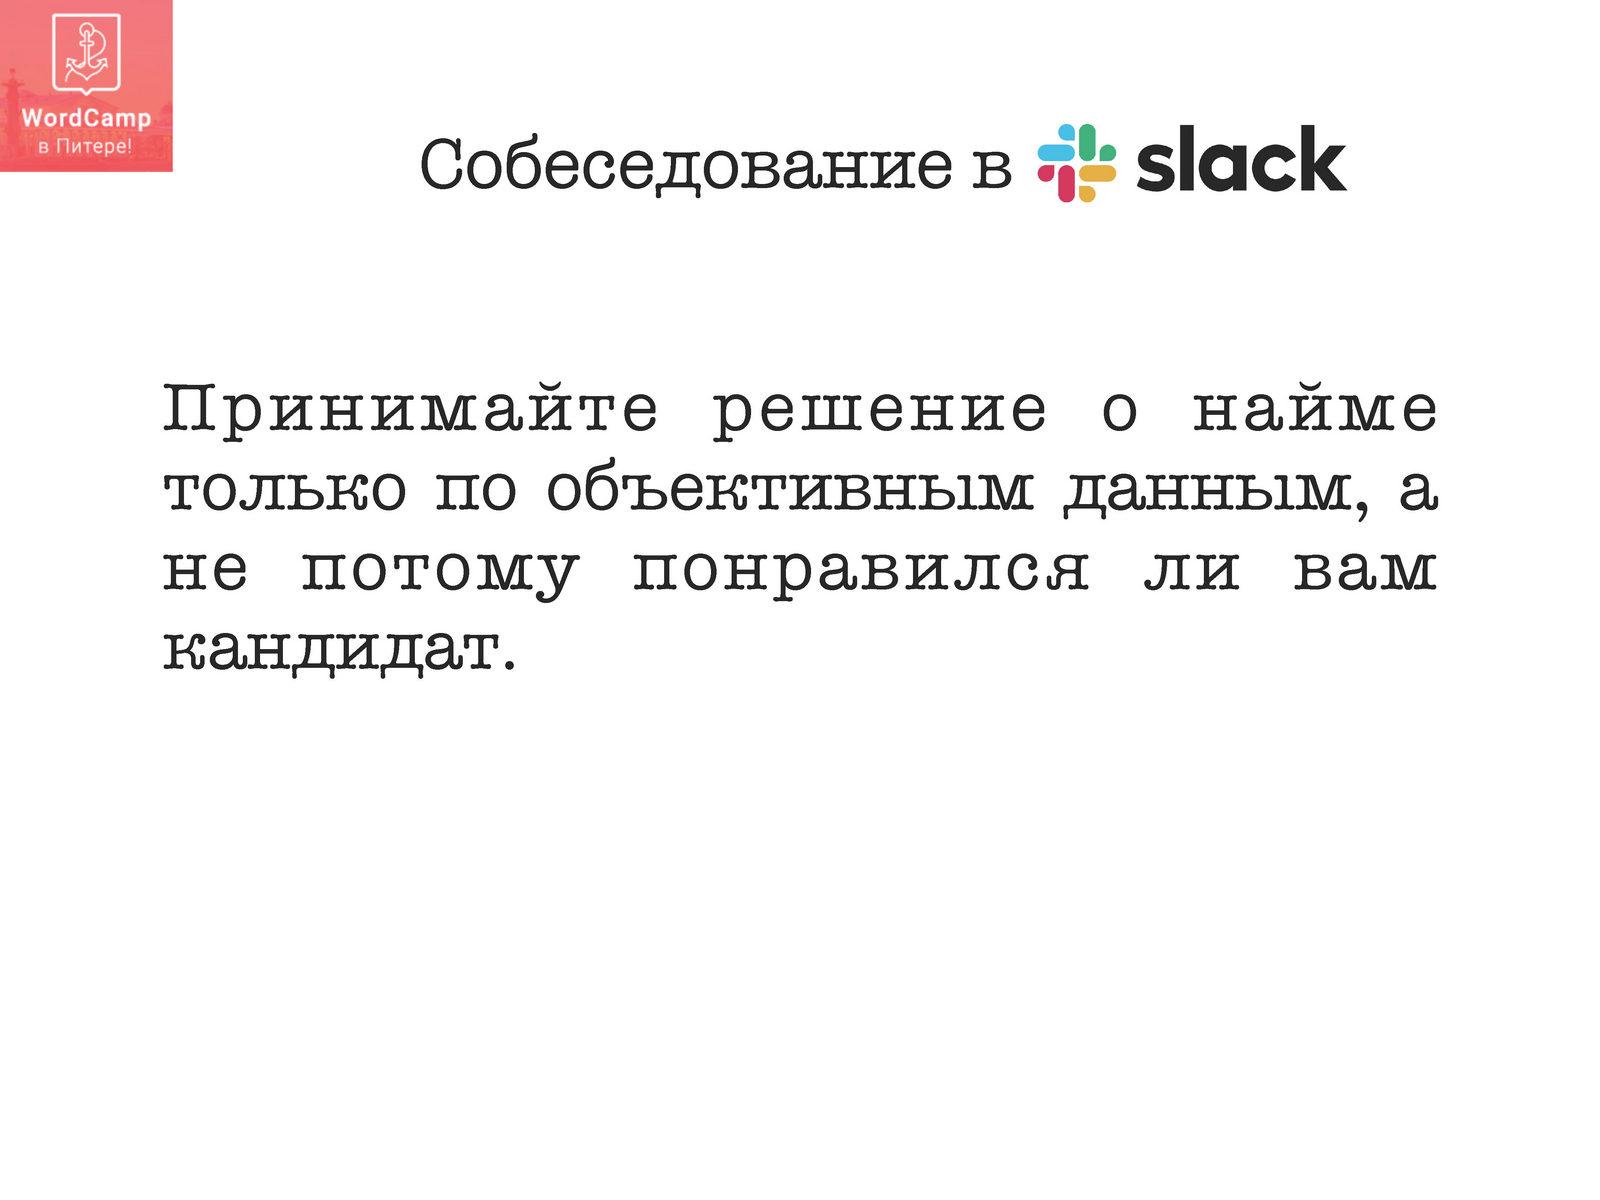 Тимур Гоголев - 100% распределенная компания мифы или реальность_Page_10